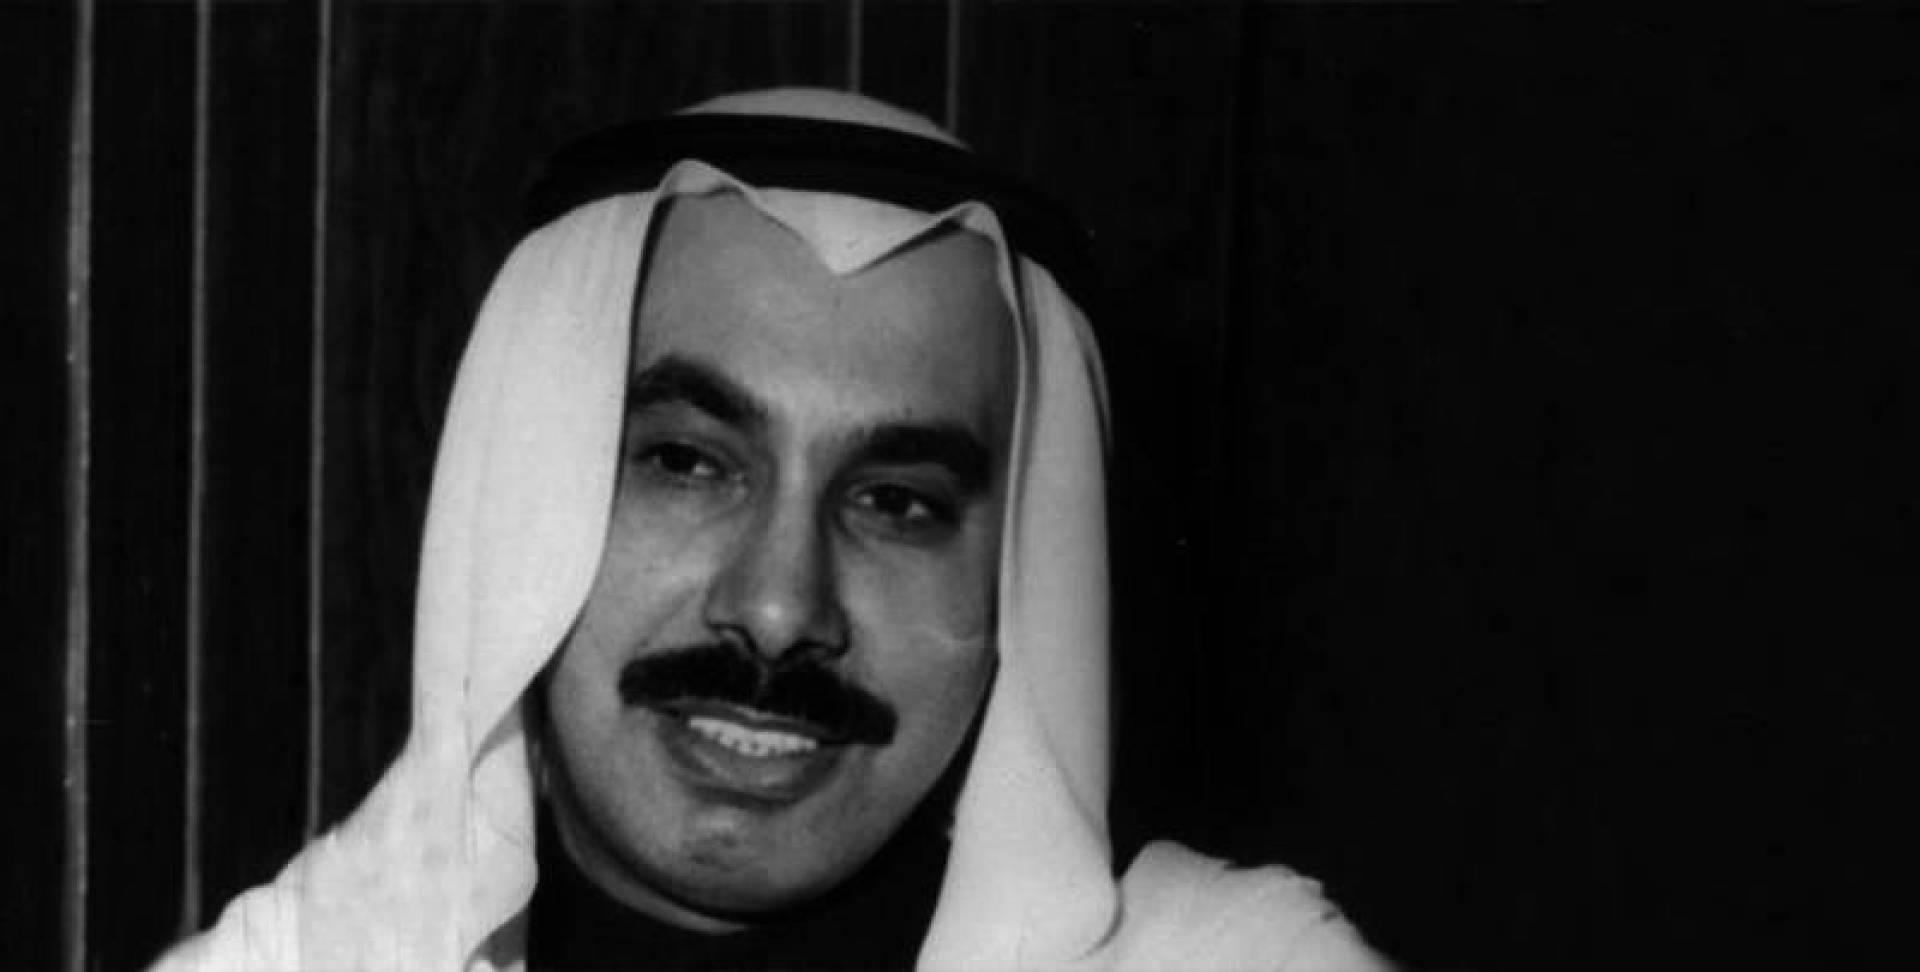 عبدالله الحمد وكيل وزارة التجارة والصناعة.. أرشيفية